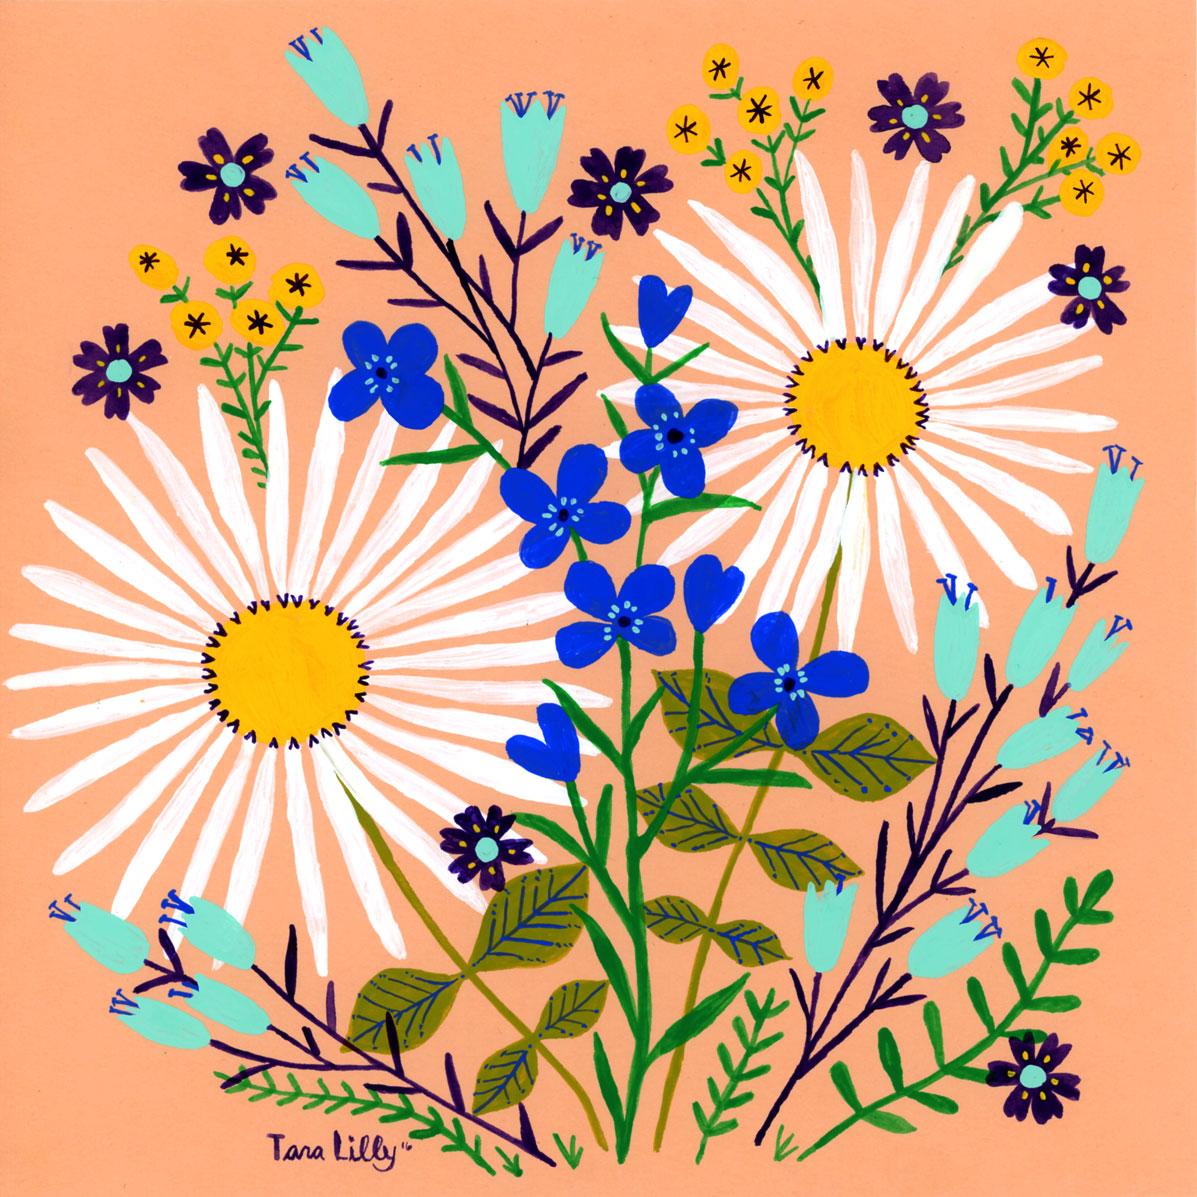 tara_PP_100days_Flowers_3.jpg